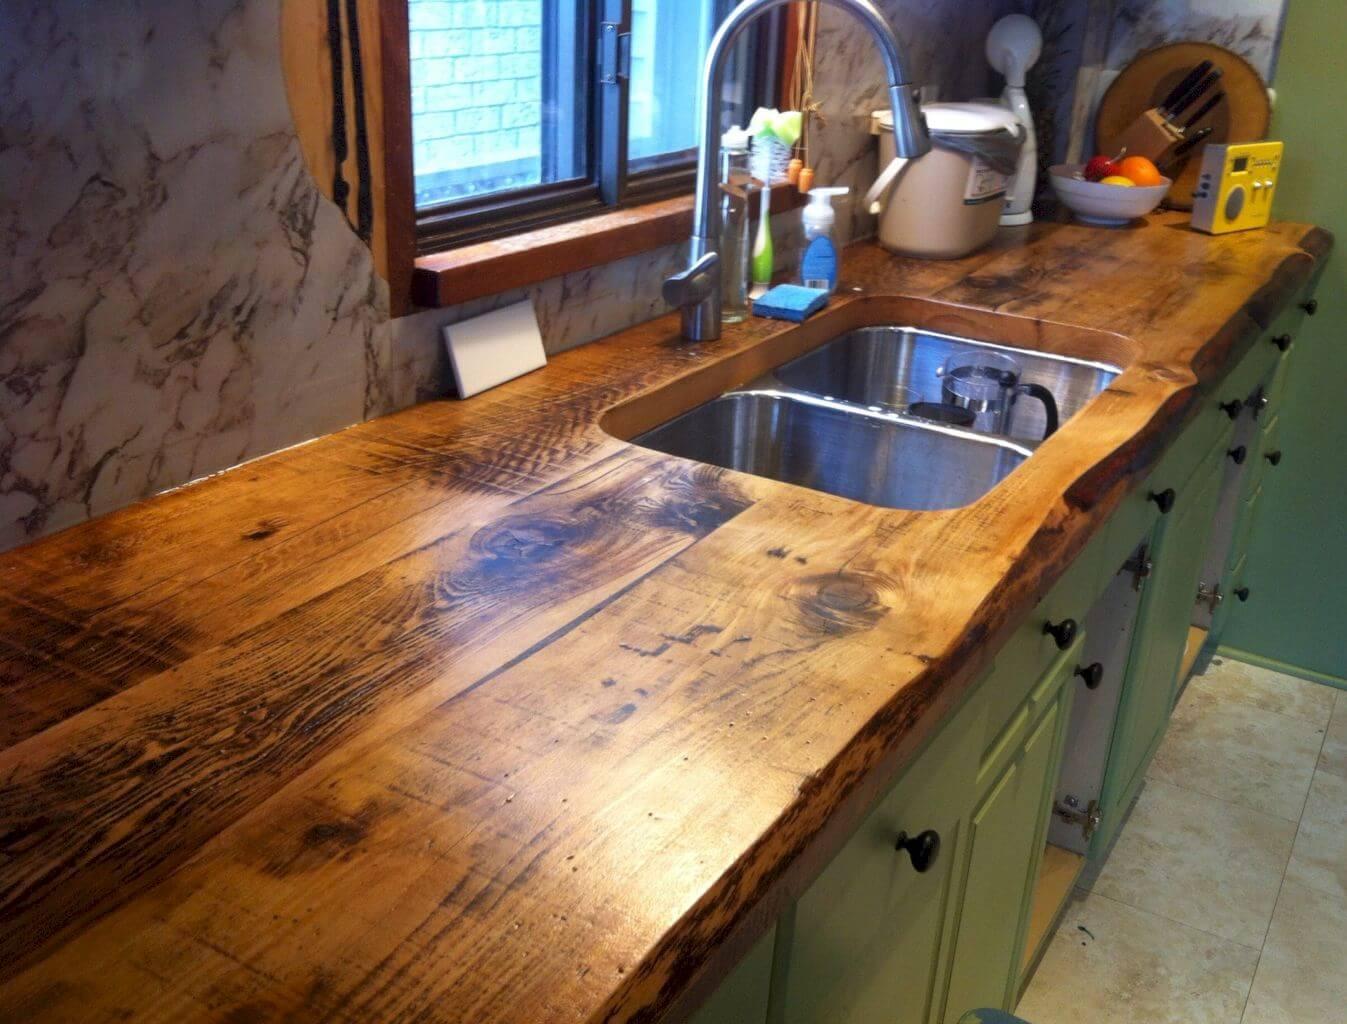 Évier double dans un comptoir en bois rustique